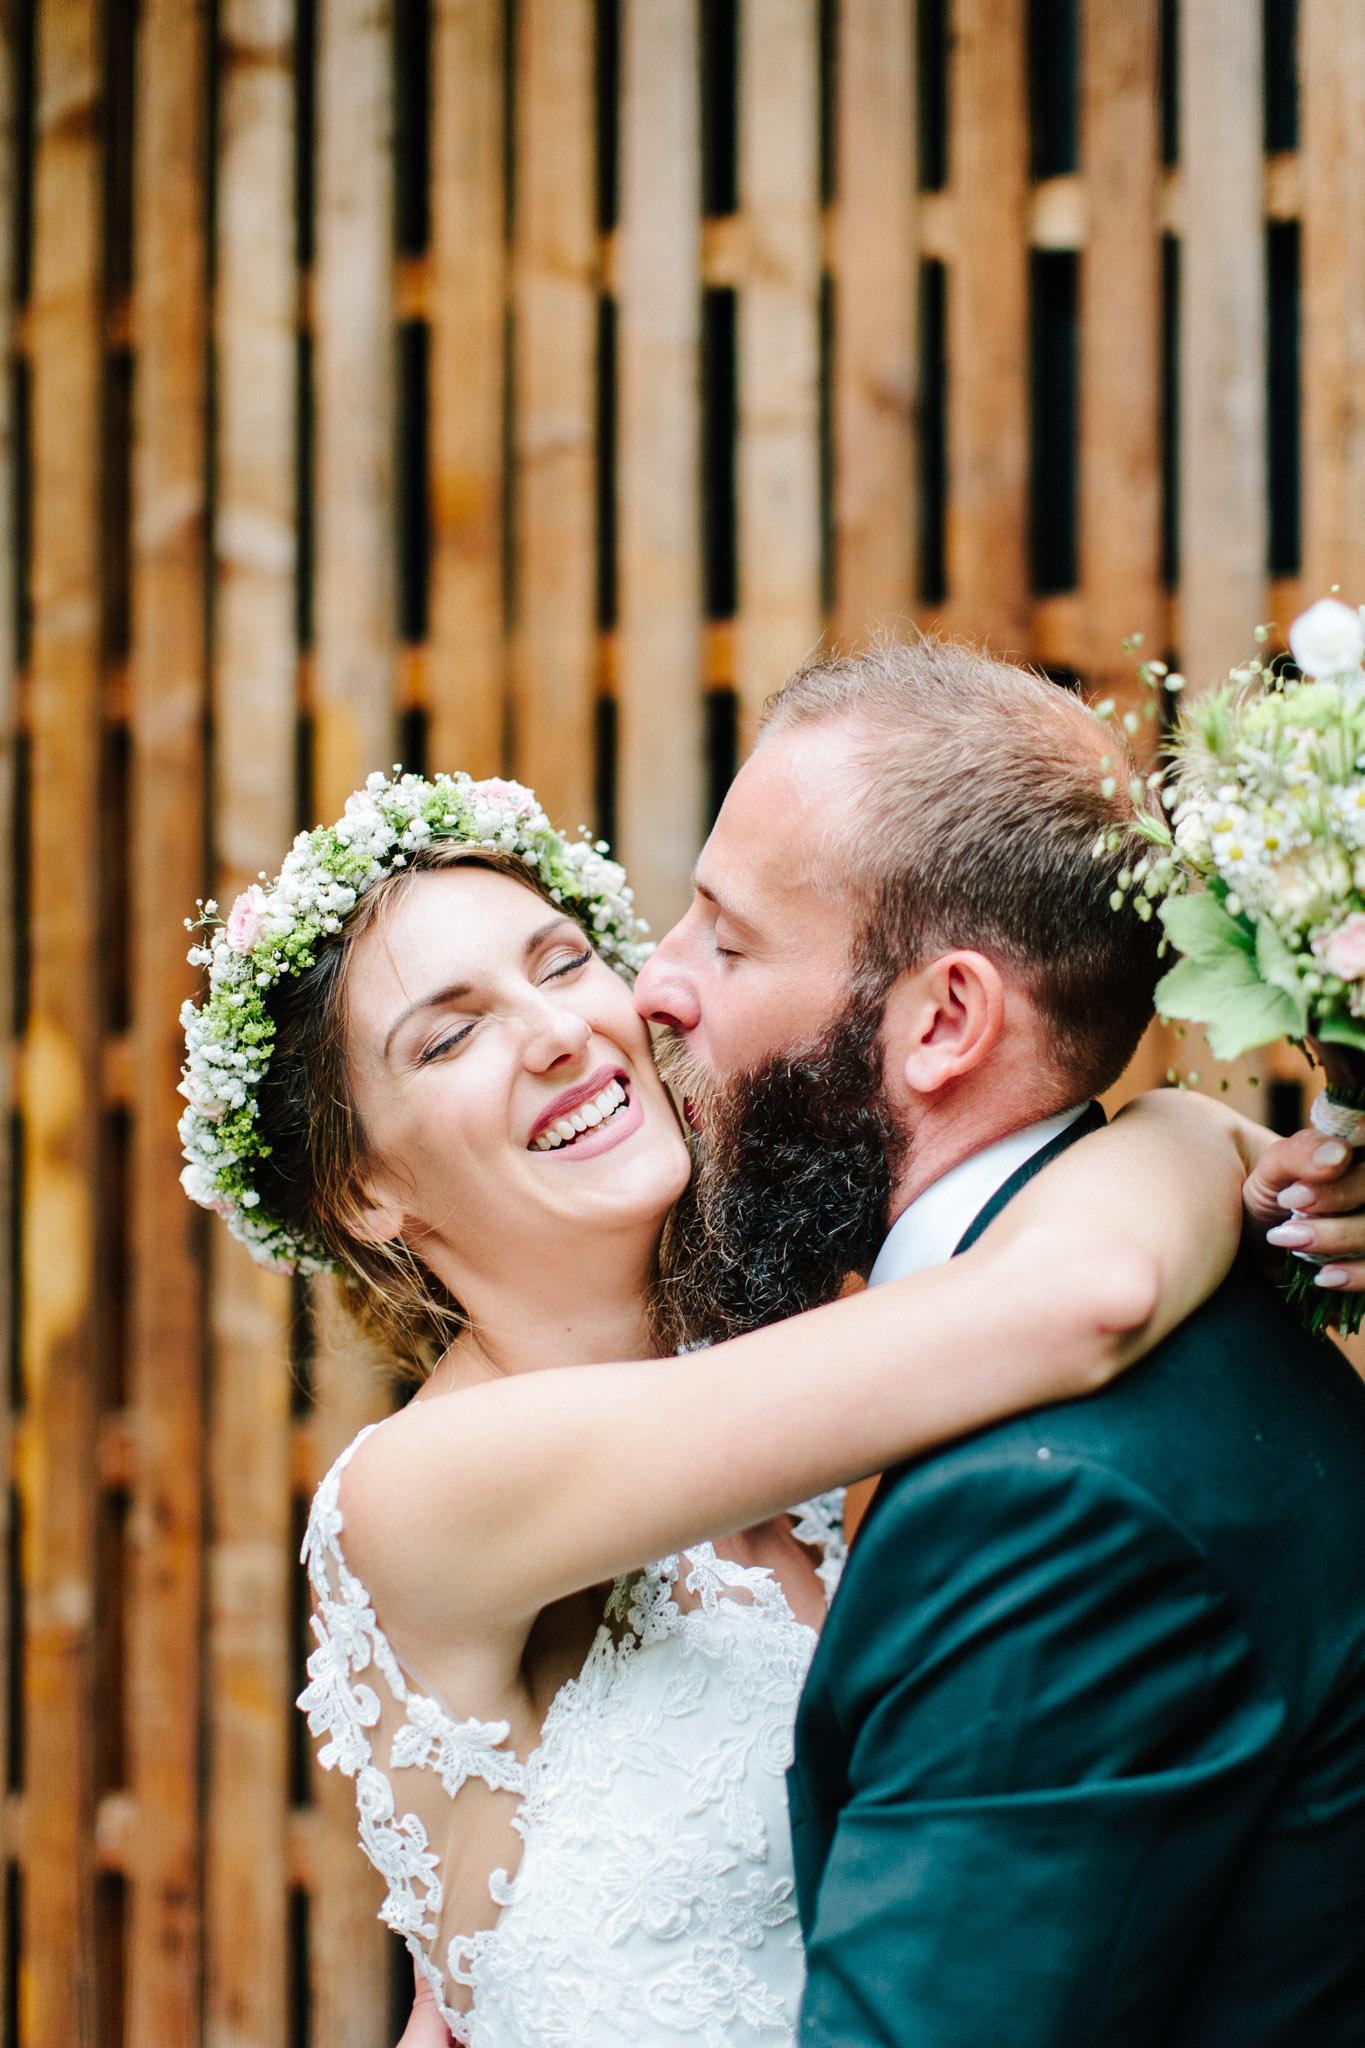 Nordhausen-Harz-Hochzeit-Pia-Anna-Christian-Wedding-Photography-LM-62.jpg